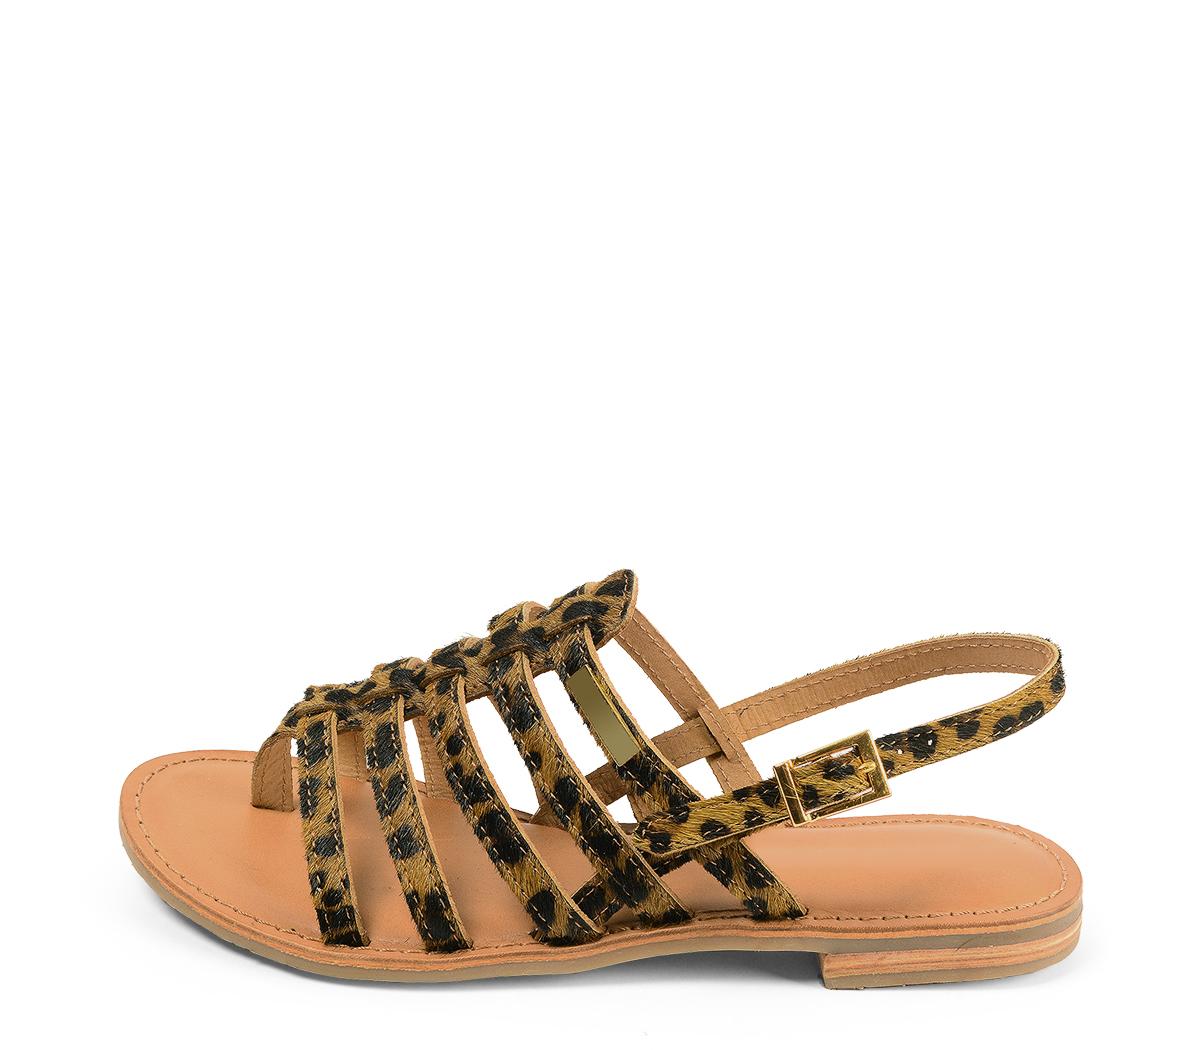 Ref. 4439 Sandalia potro leopardo con tiras tipo romana y pulsera al talón con hebilla dorada. Plantilla de piel.